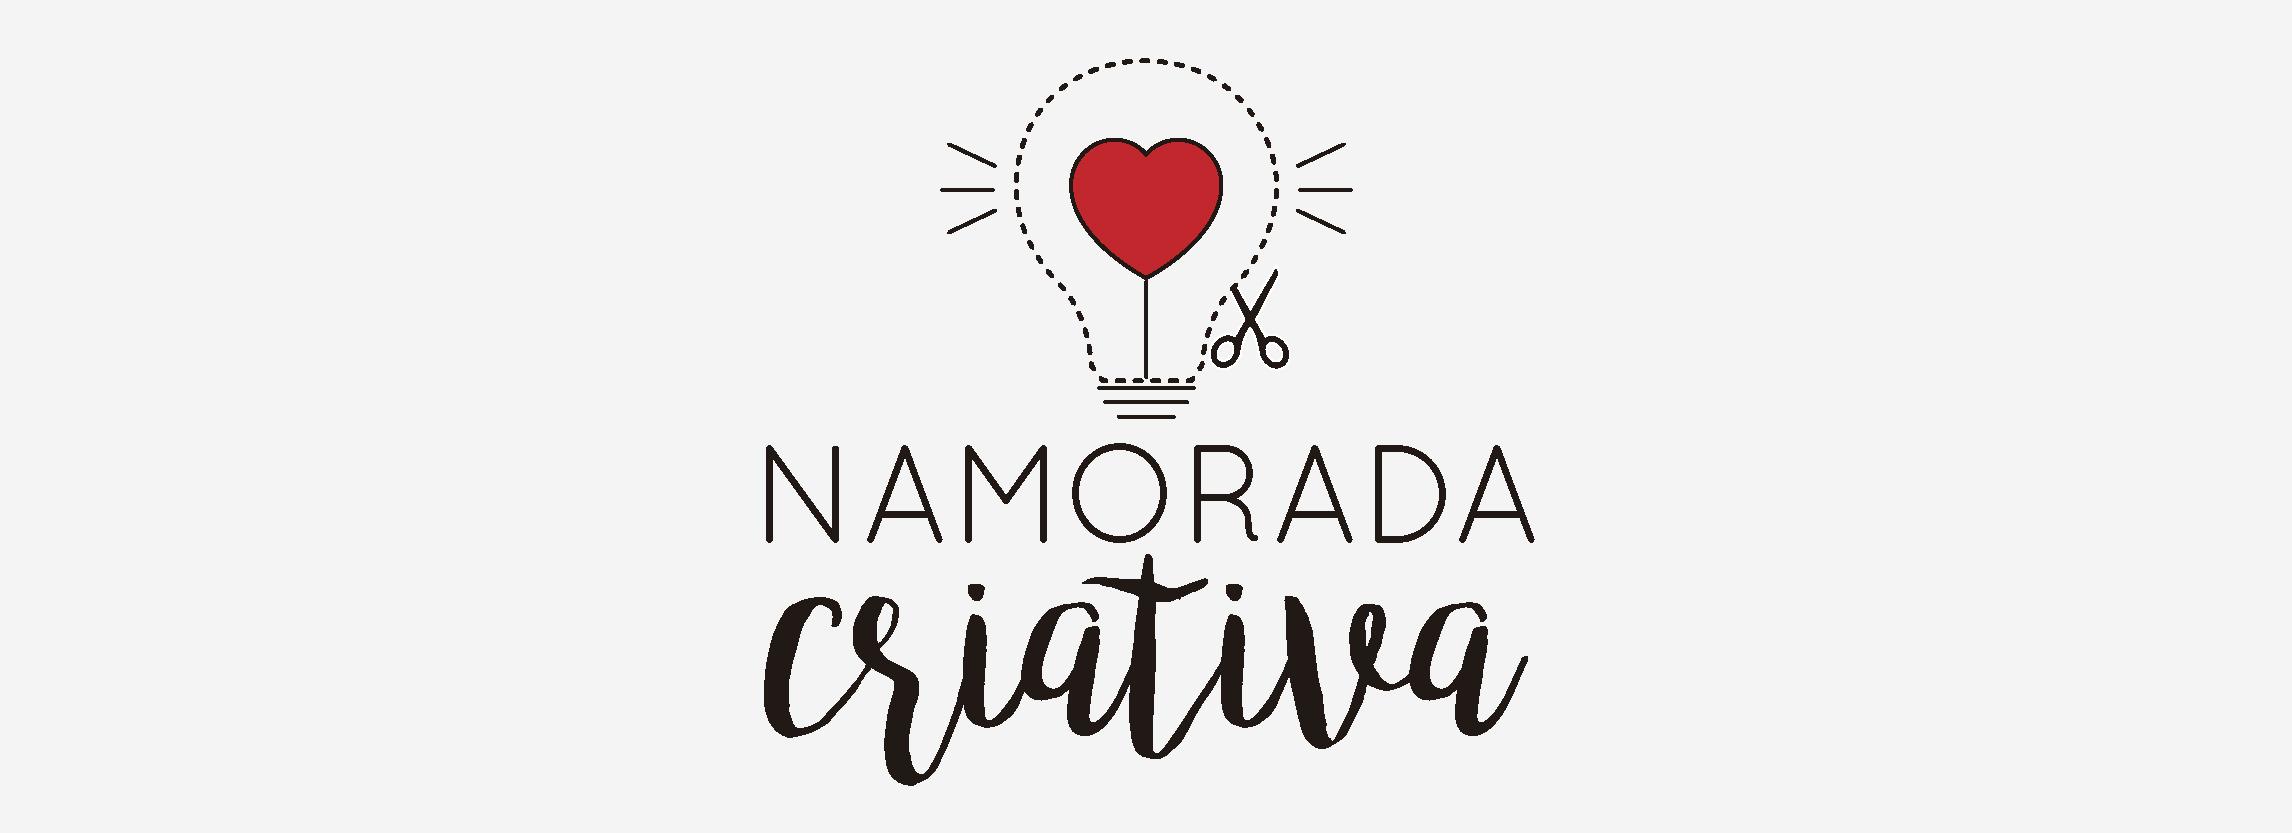 Namorada Criativa Dicas De Presentes E Surpresas Criativas Para